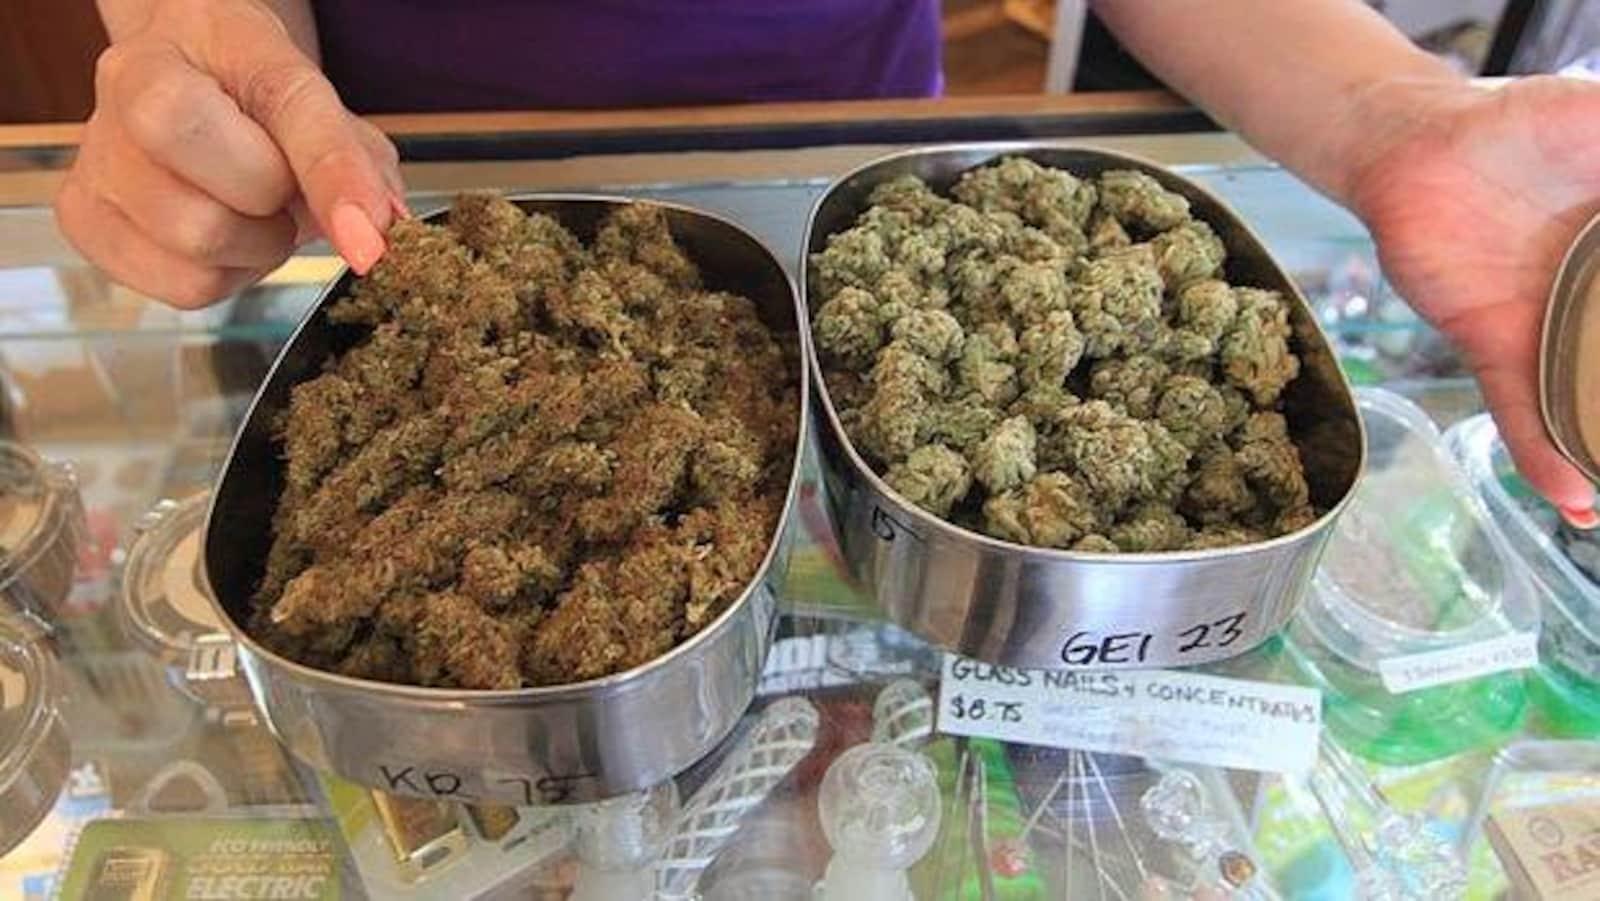 Des plats de métal contenant de la marijuana.